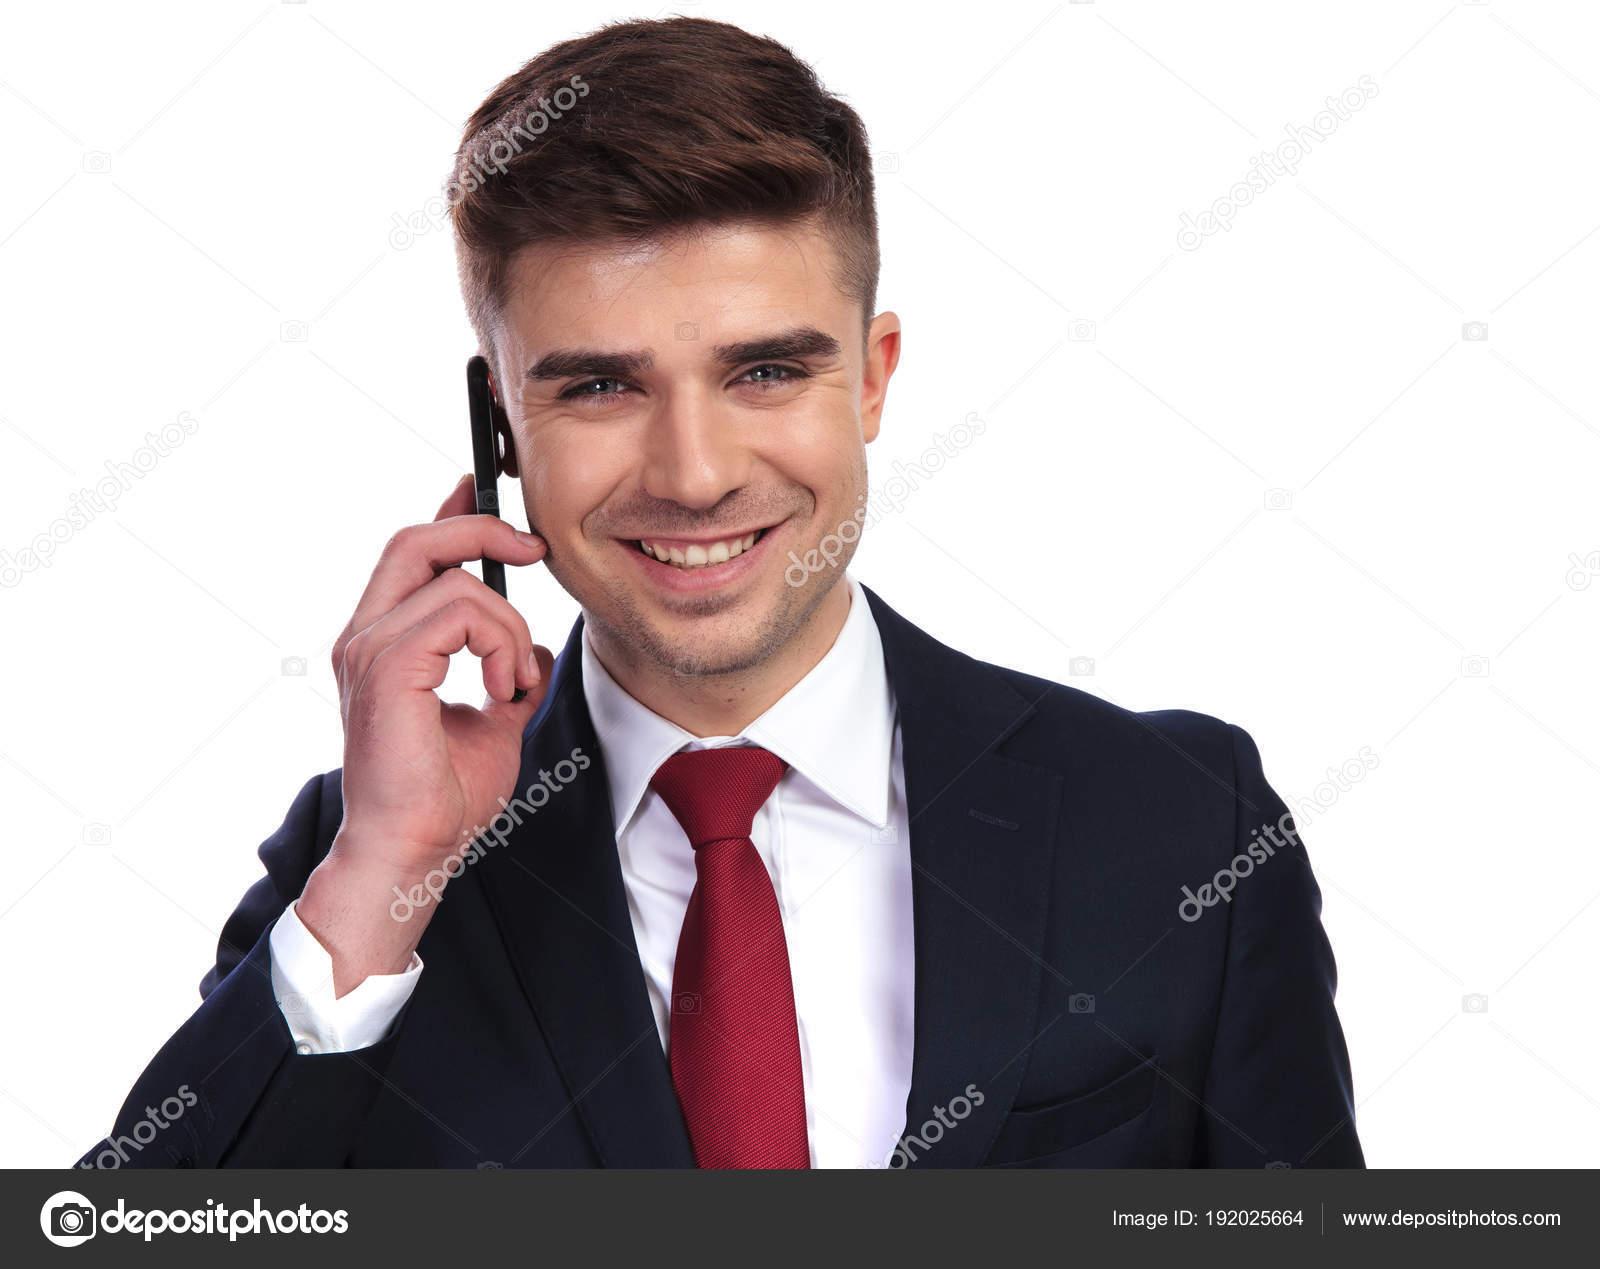 87d4120af4bc2 Portrait de bel homme d'affaires qui rit, parler au téléphone, sur fond  blanc. Il porte un costume marine et une cravate rouge — Image de feedough